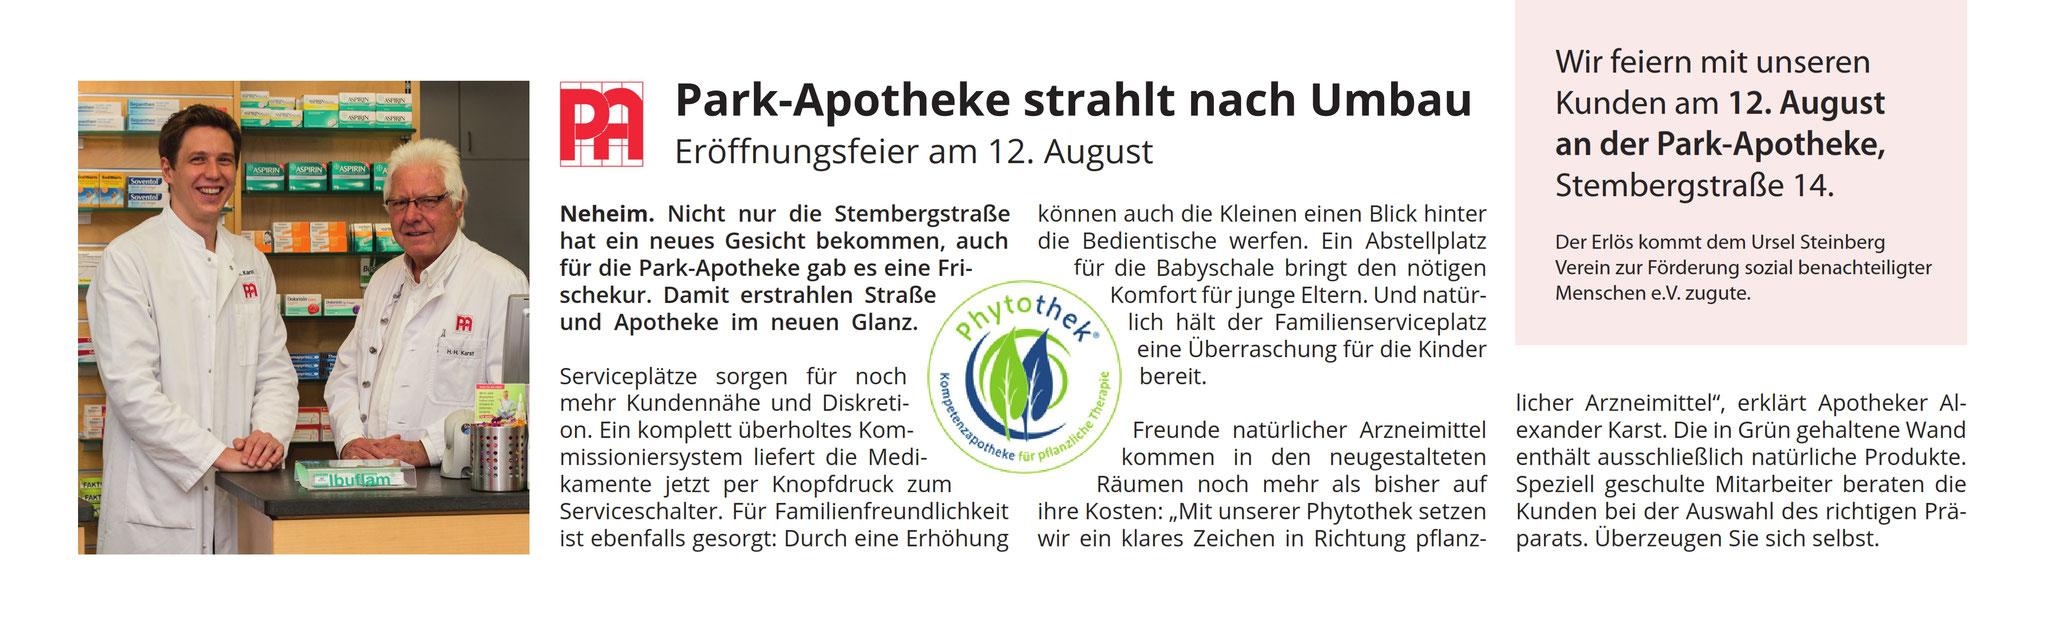 Park Apotheke Neheim: Anzeige & Pressearbeit zum Jubiläum